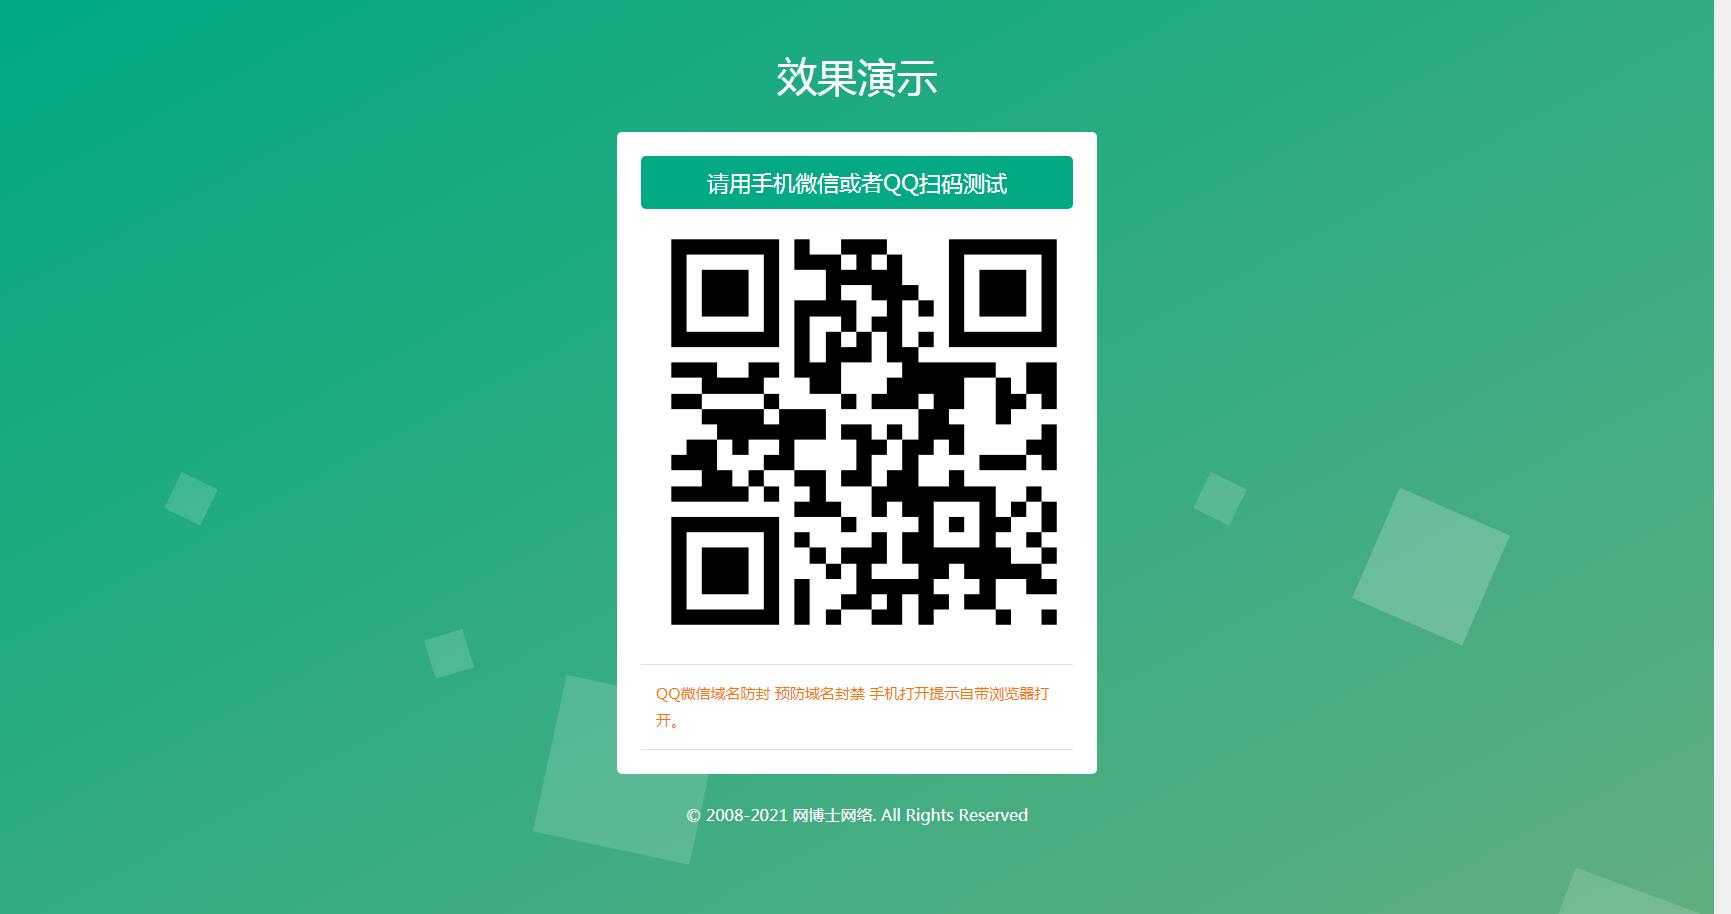 QQ微信域名防封 预防域名封禁 手机打开提示自带浏览器打开